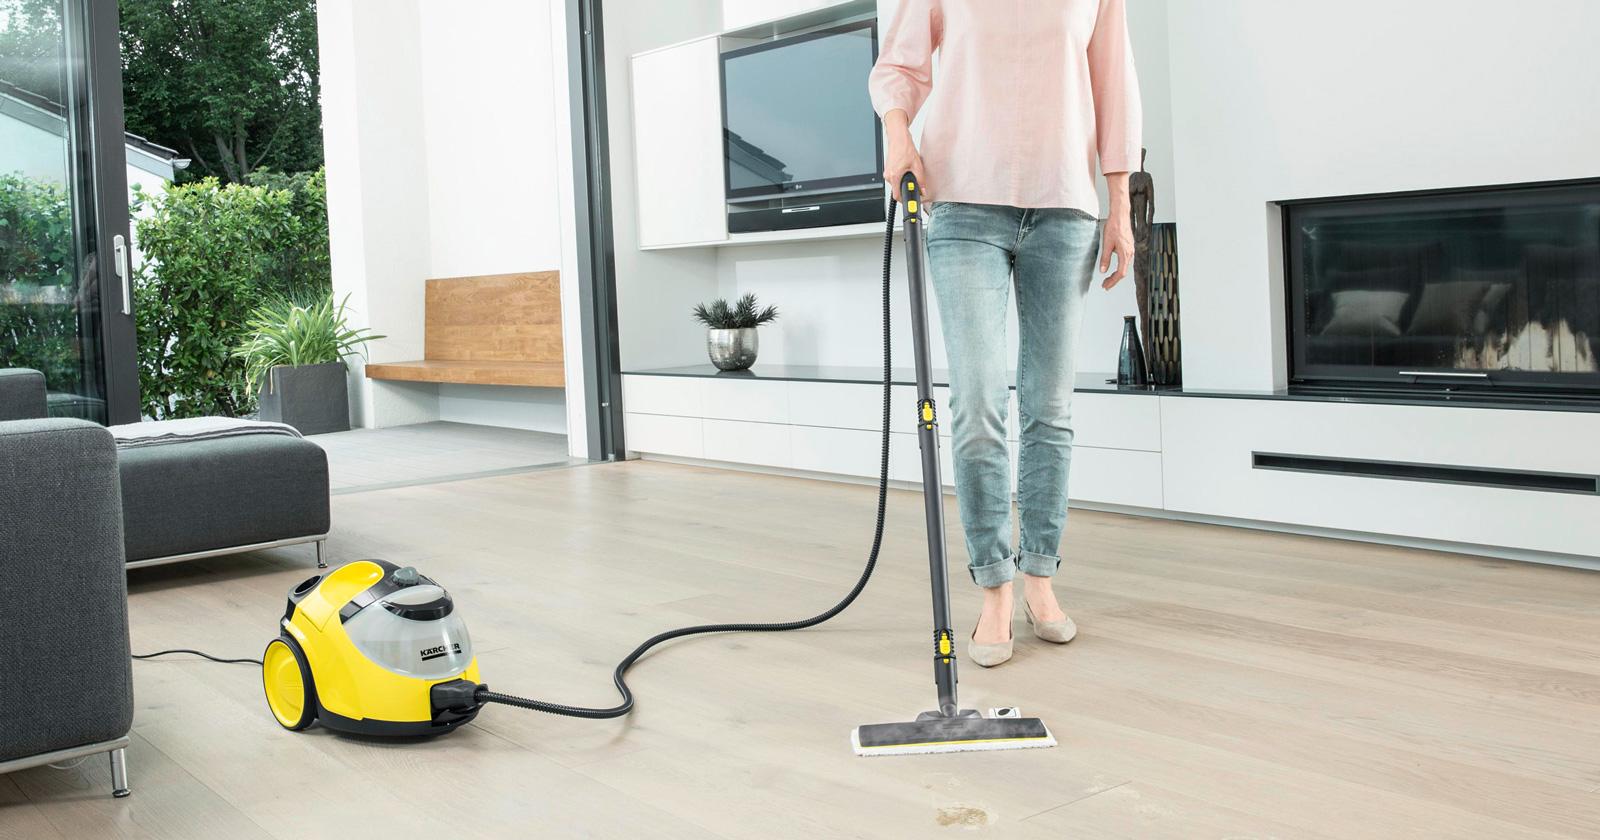 f&t clean servis capljina profesionalno ciscenje poslovnih prostora